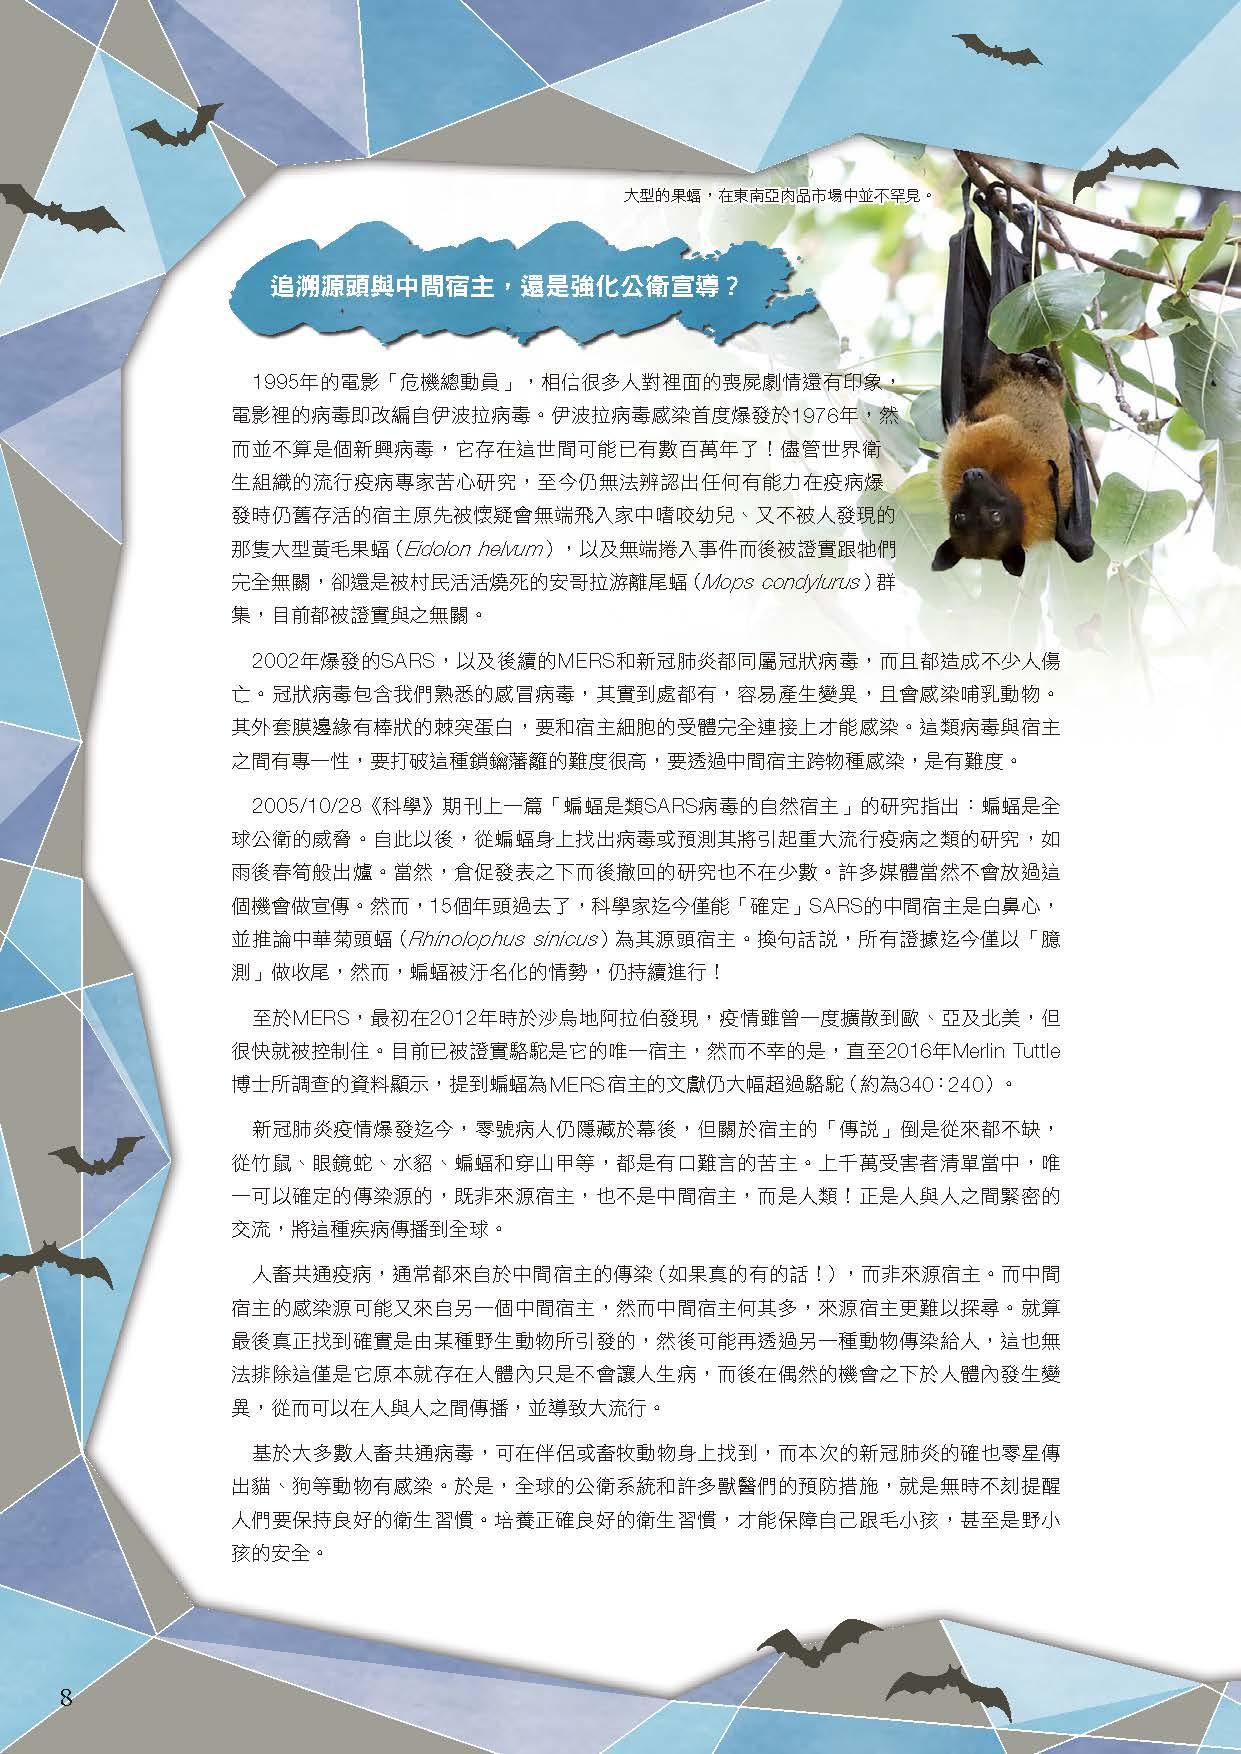 5張恒嘉。2020。蝠兮-蝙蝠病毒與人。動物園雜誌,159期,頁-。 - 複製 (5).jpg